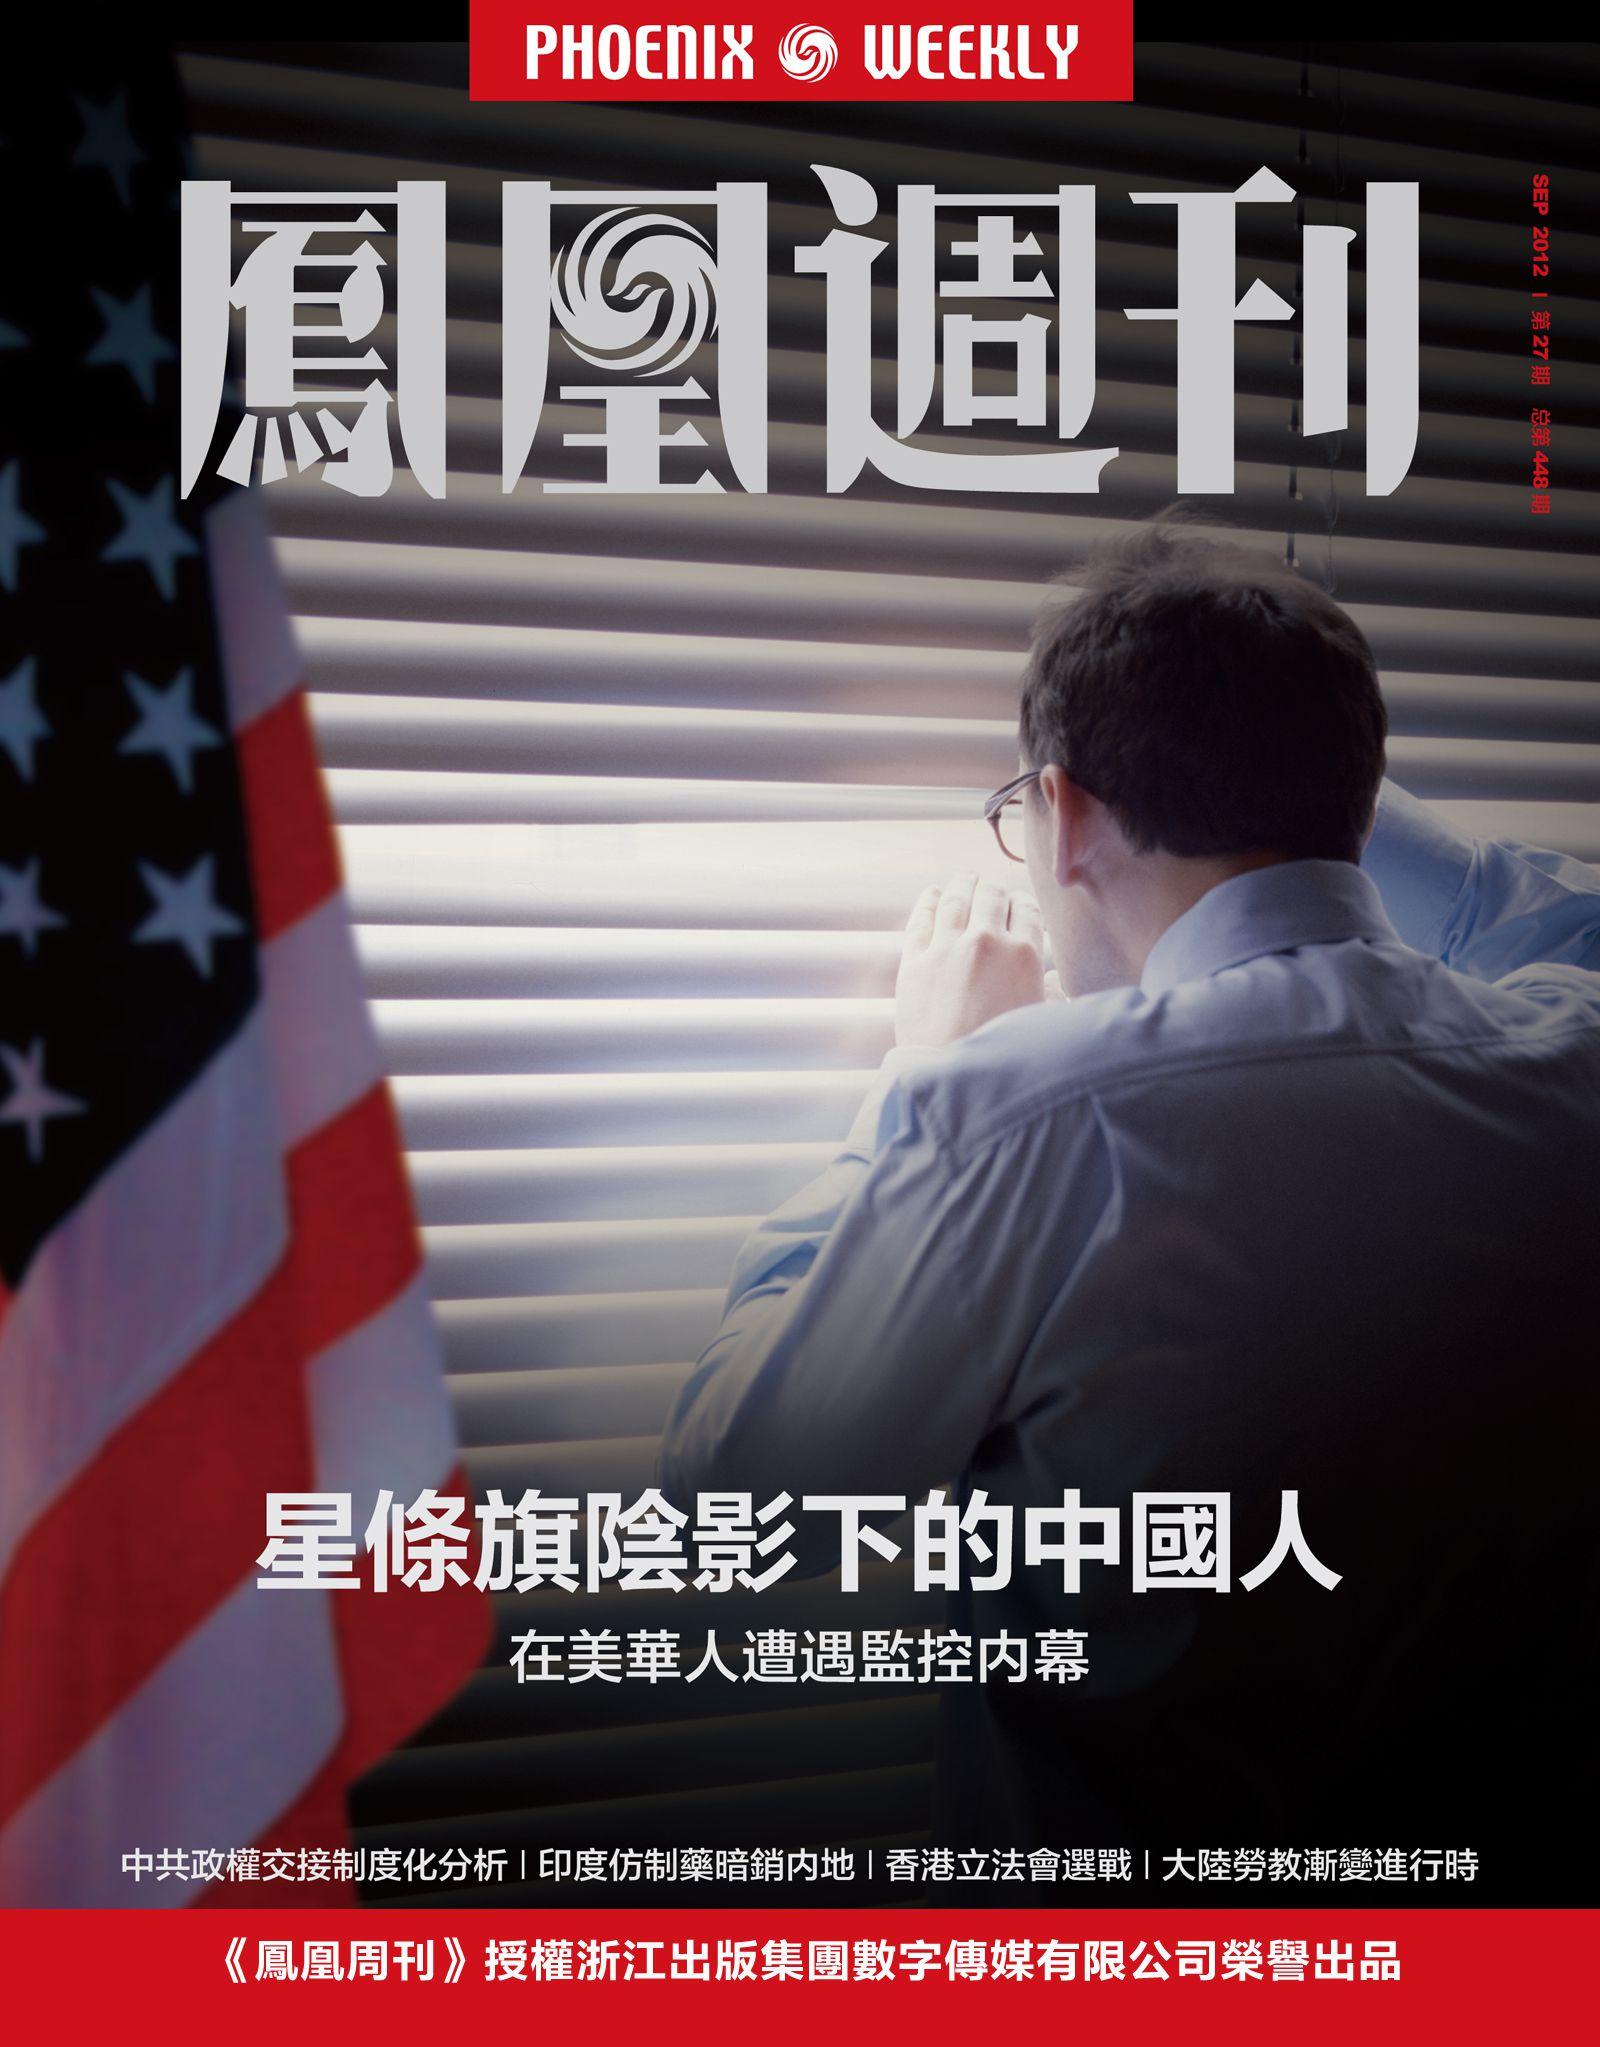 香港凤凰周刊 2012年27期 星条旗阴影下的中国人